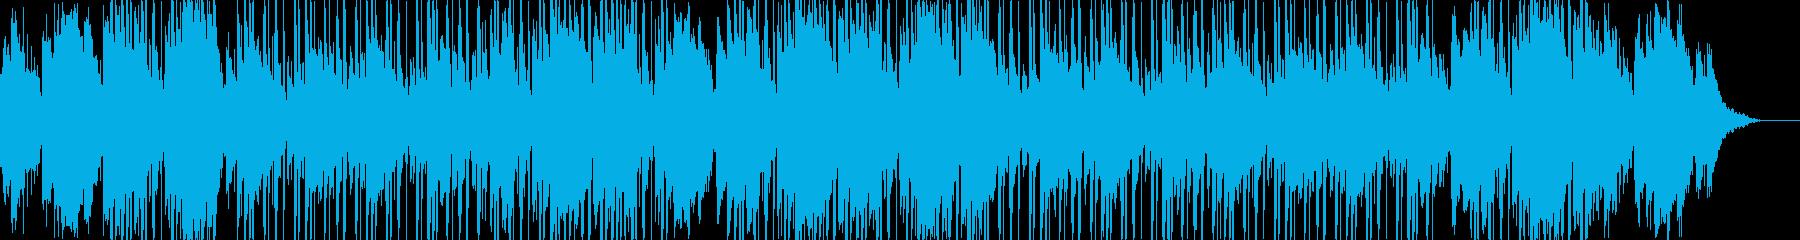 スムーズなヒップホップ/ r&bス...の再生済みの波形